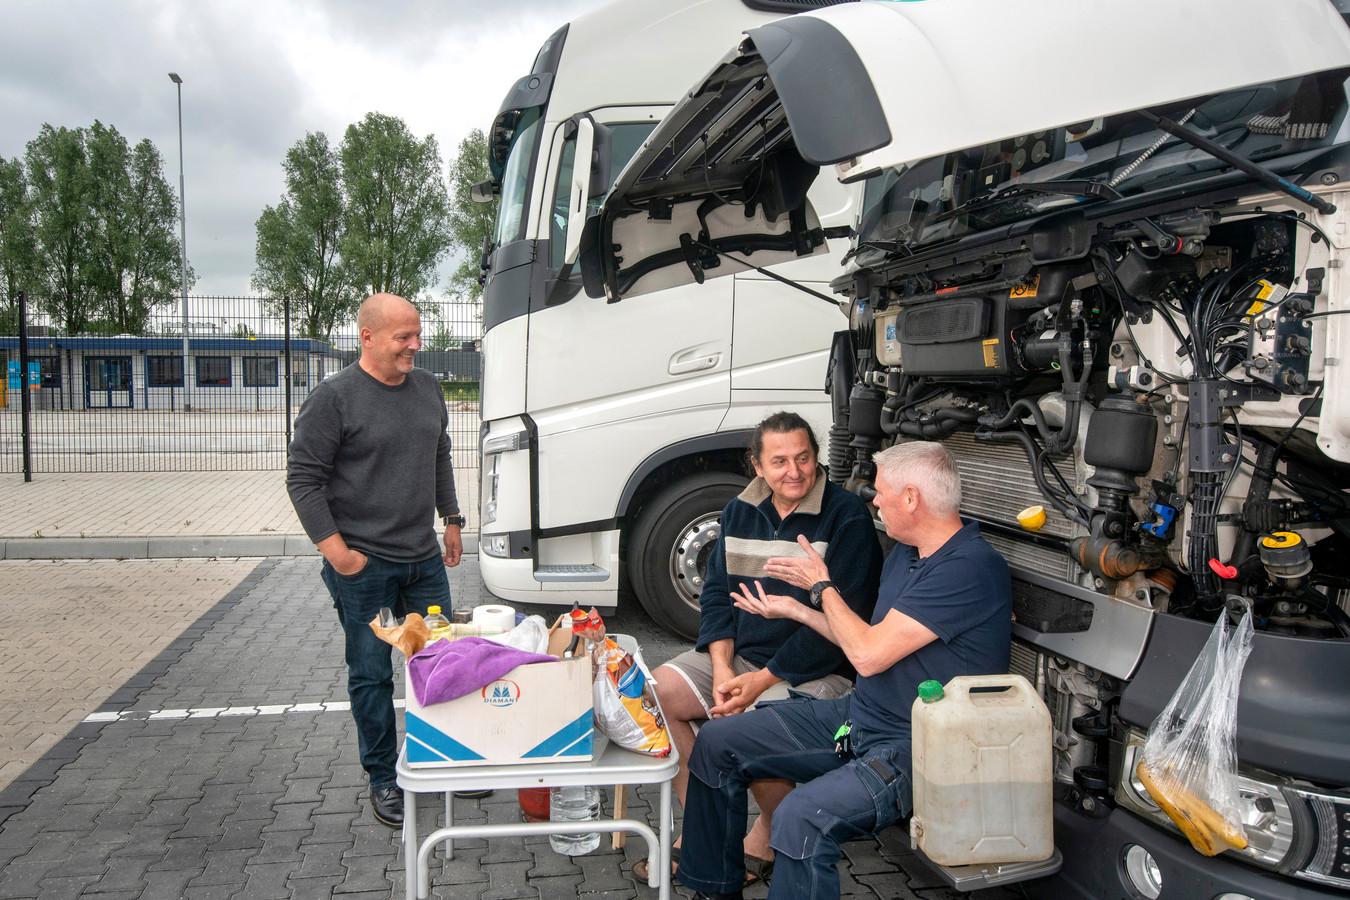 Sándor Barta maakt een praatje met John Meijer (links) en Wilko Leenders.